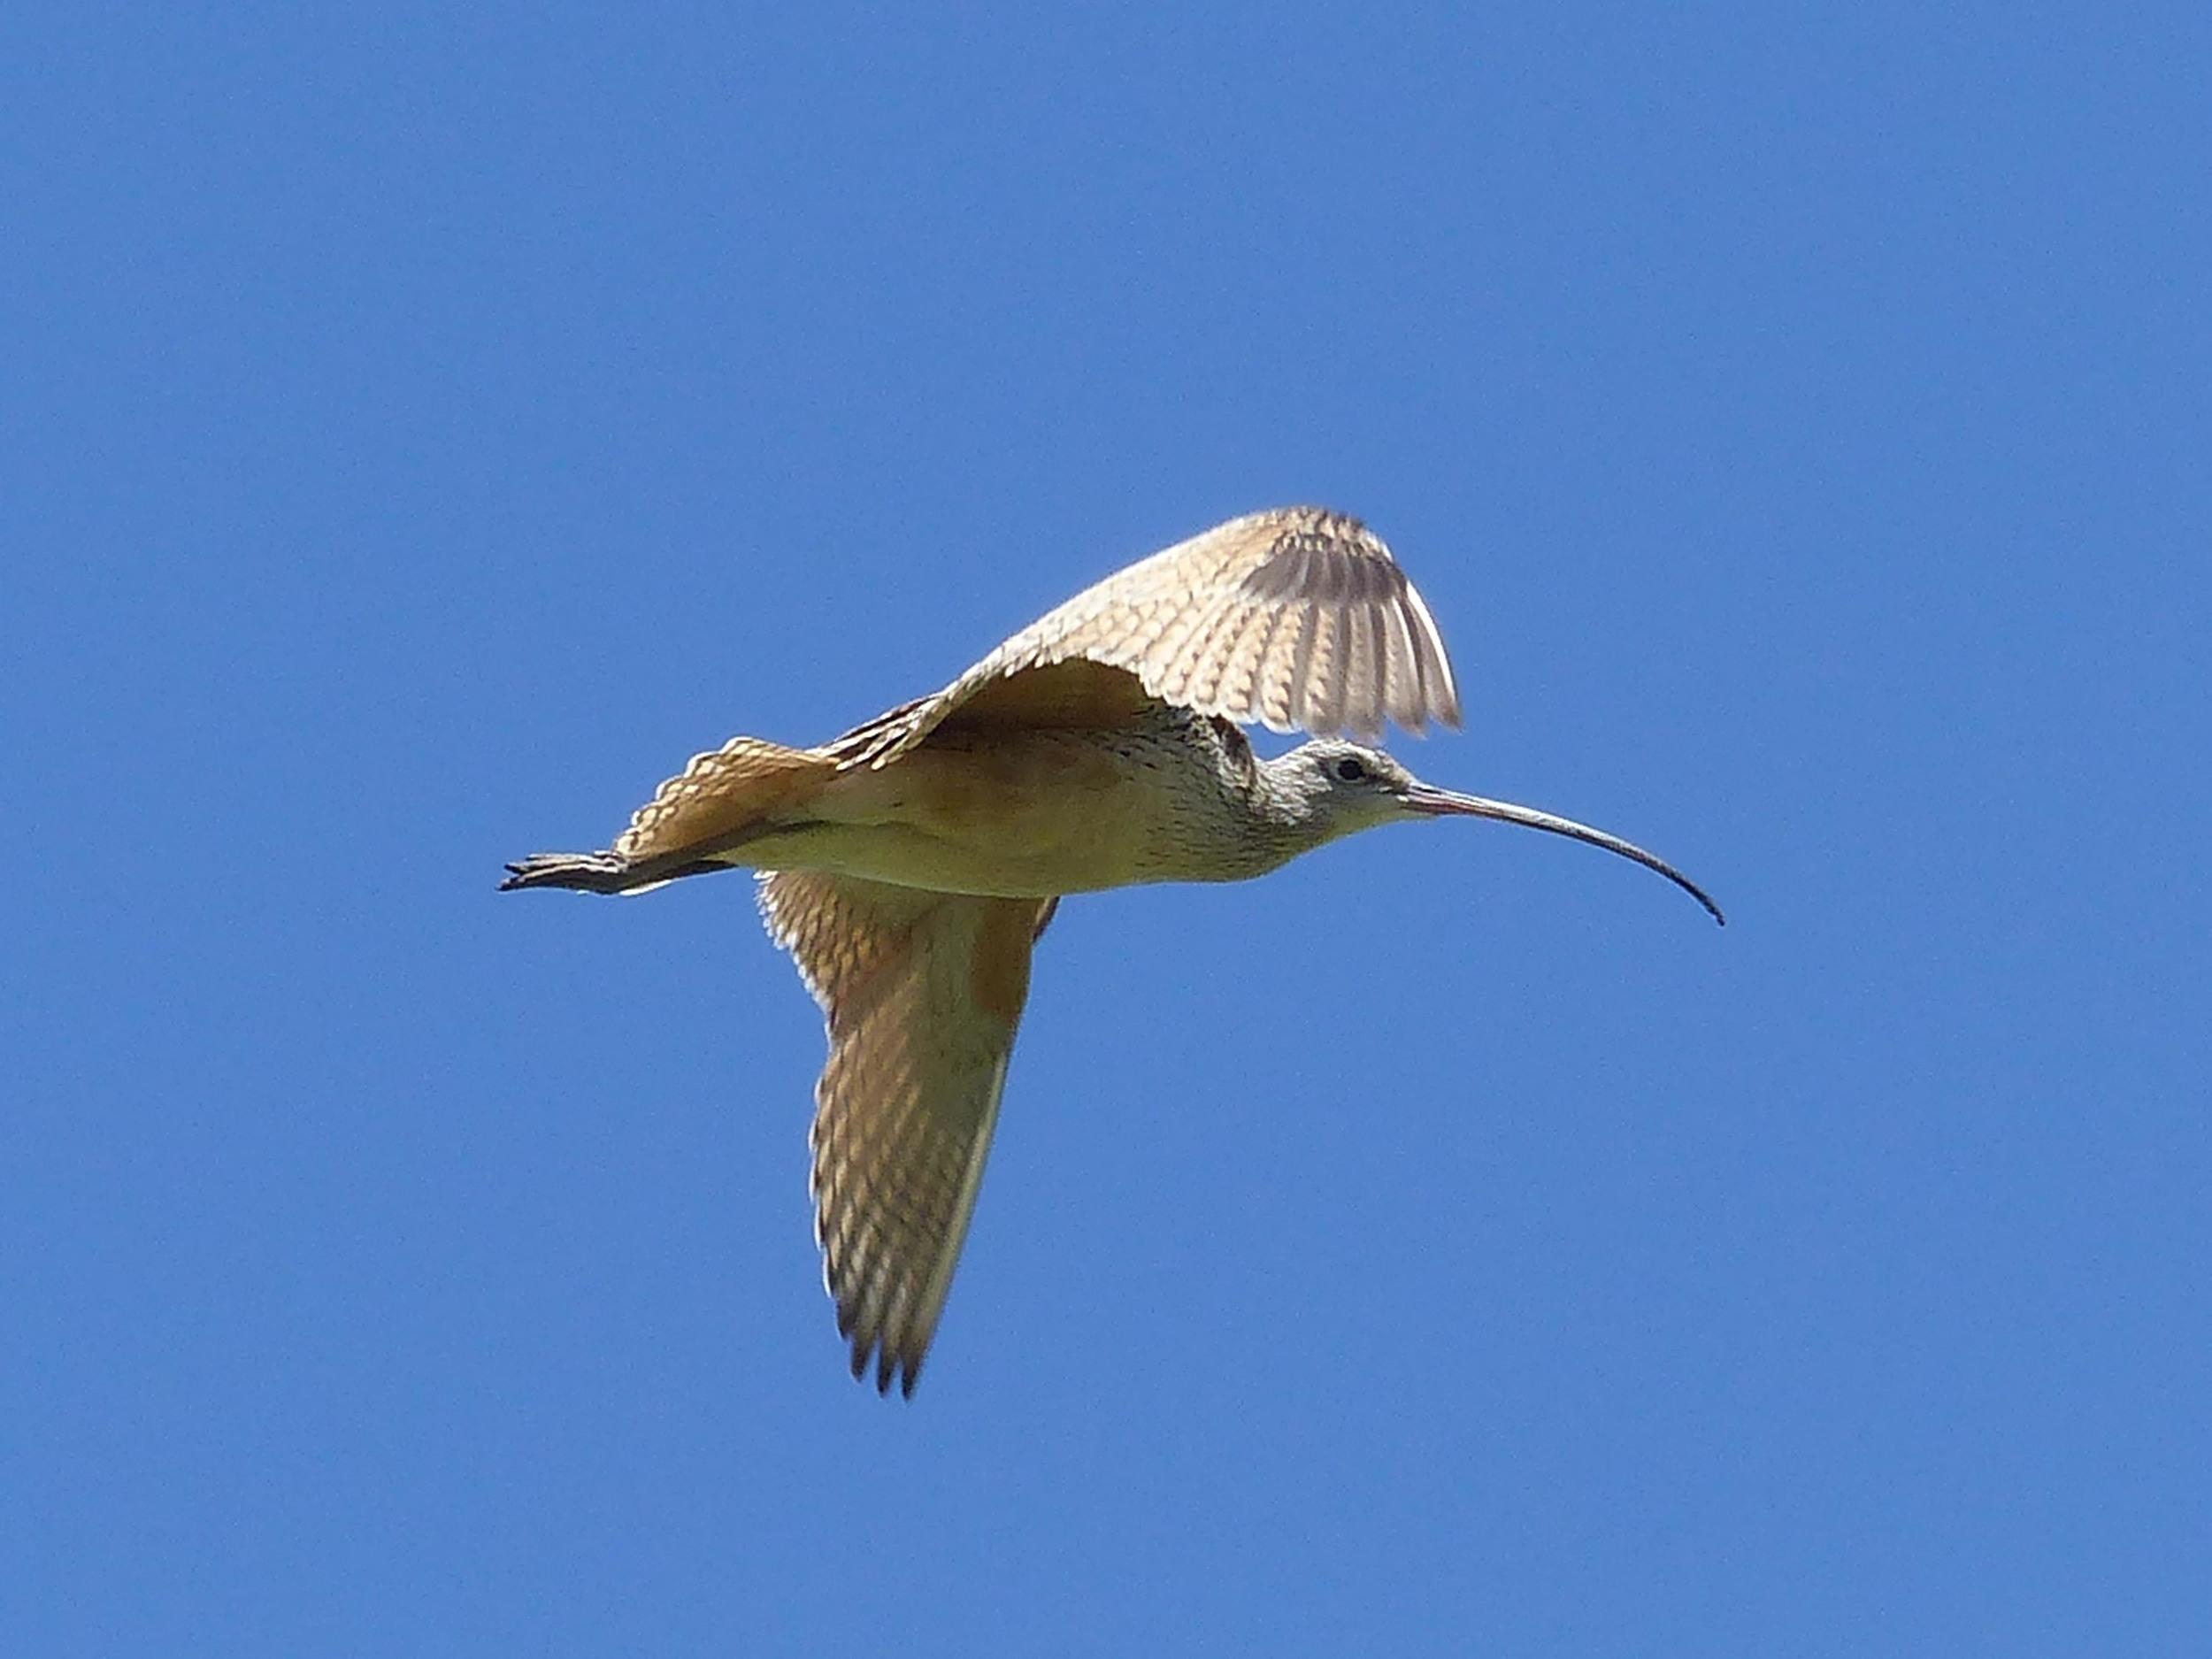 bm P1160524 Long-billed Curlew watching.jpg